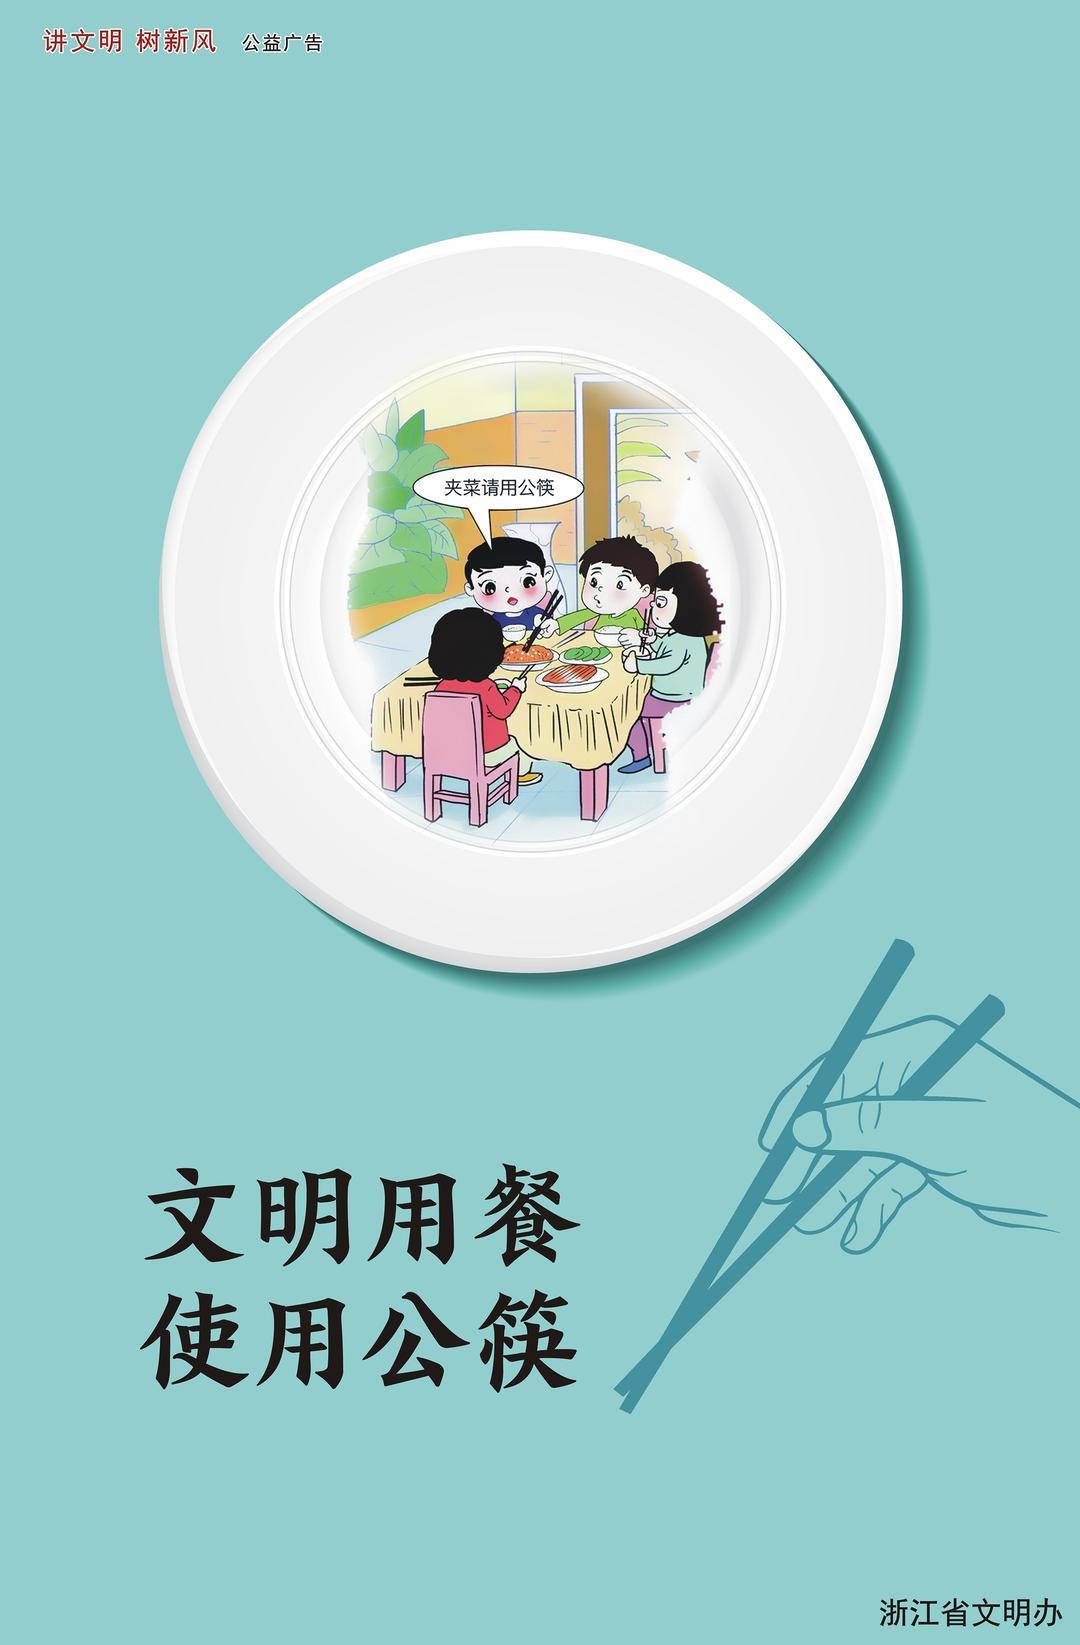 公益广告丨文明用餐 使用公筷